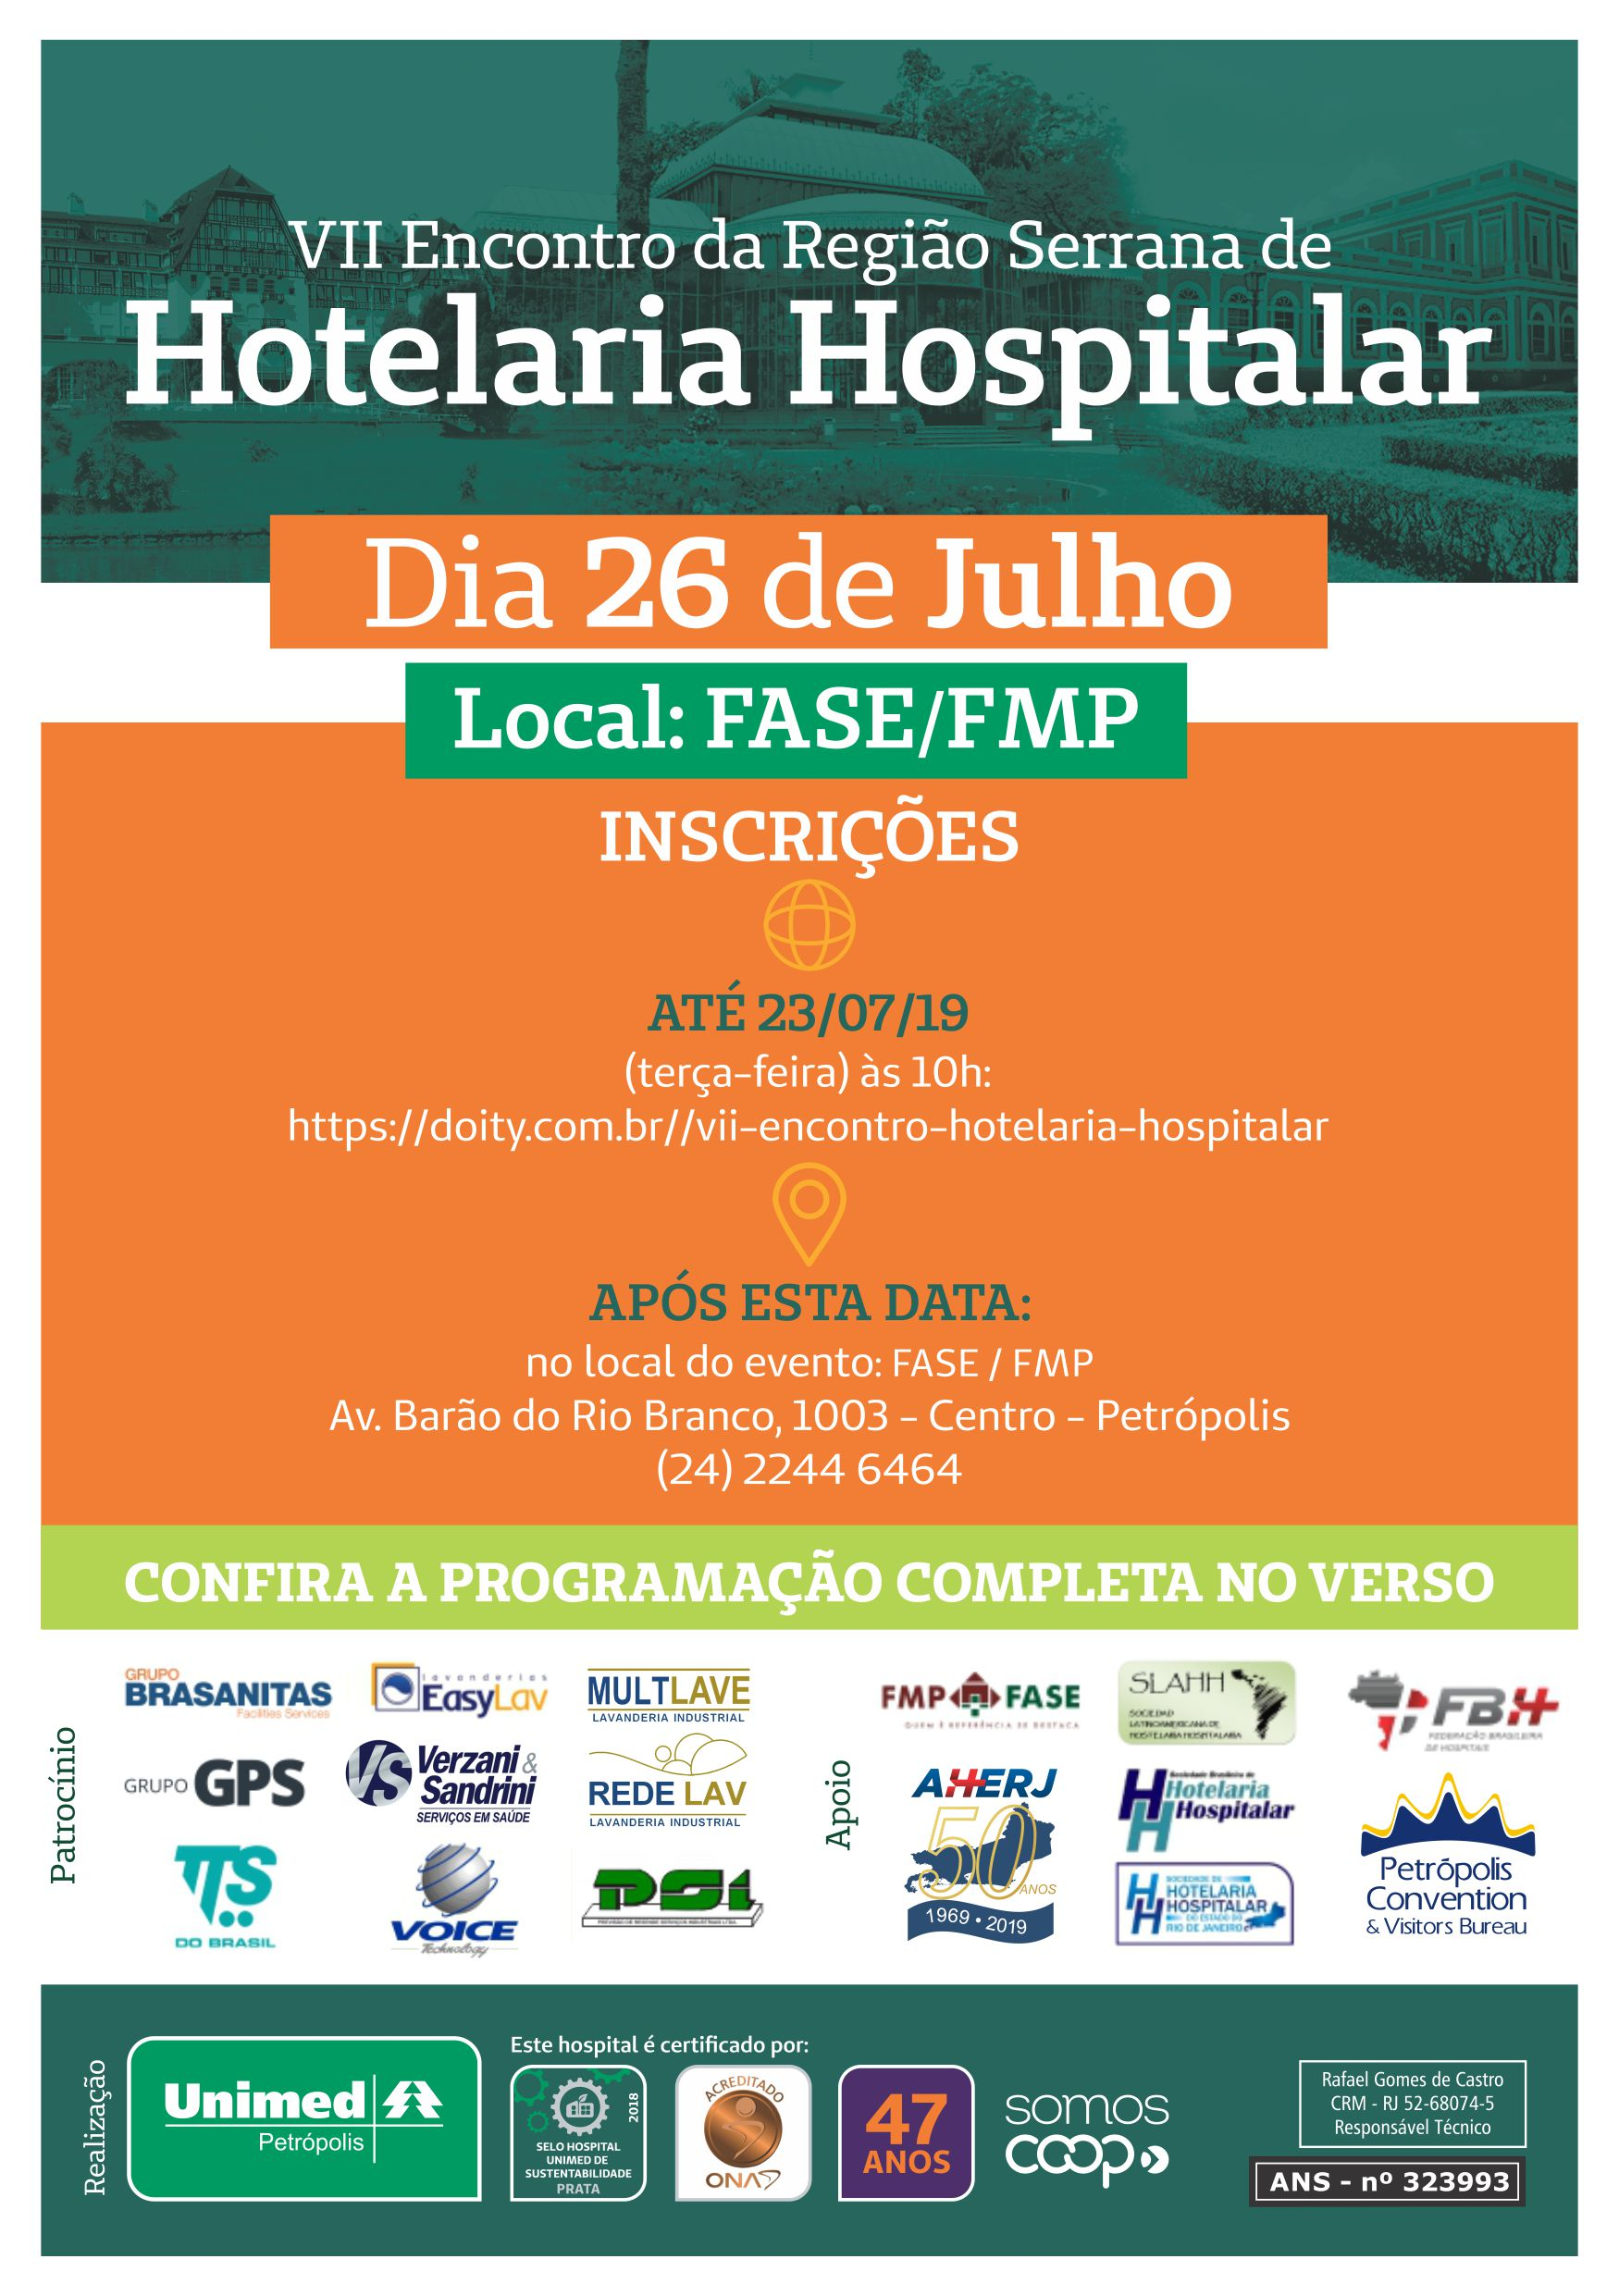 Unimed_Petropolis_VII_Encontro_Hotelaria_Hospitalar_Folheto_A5_Frente